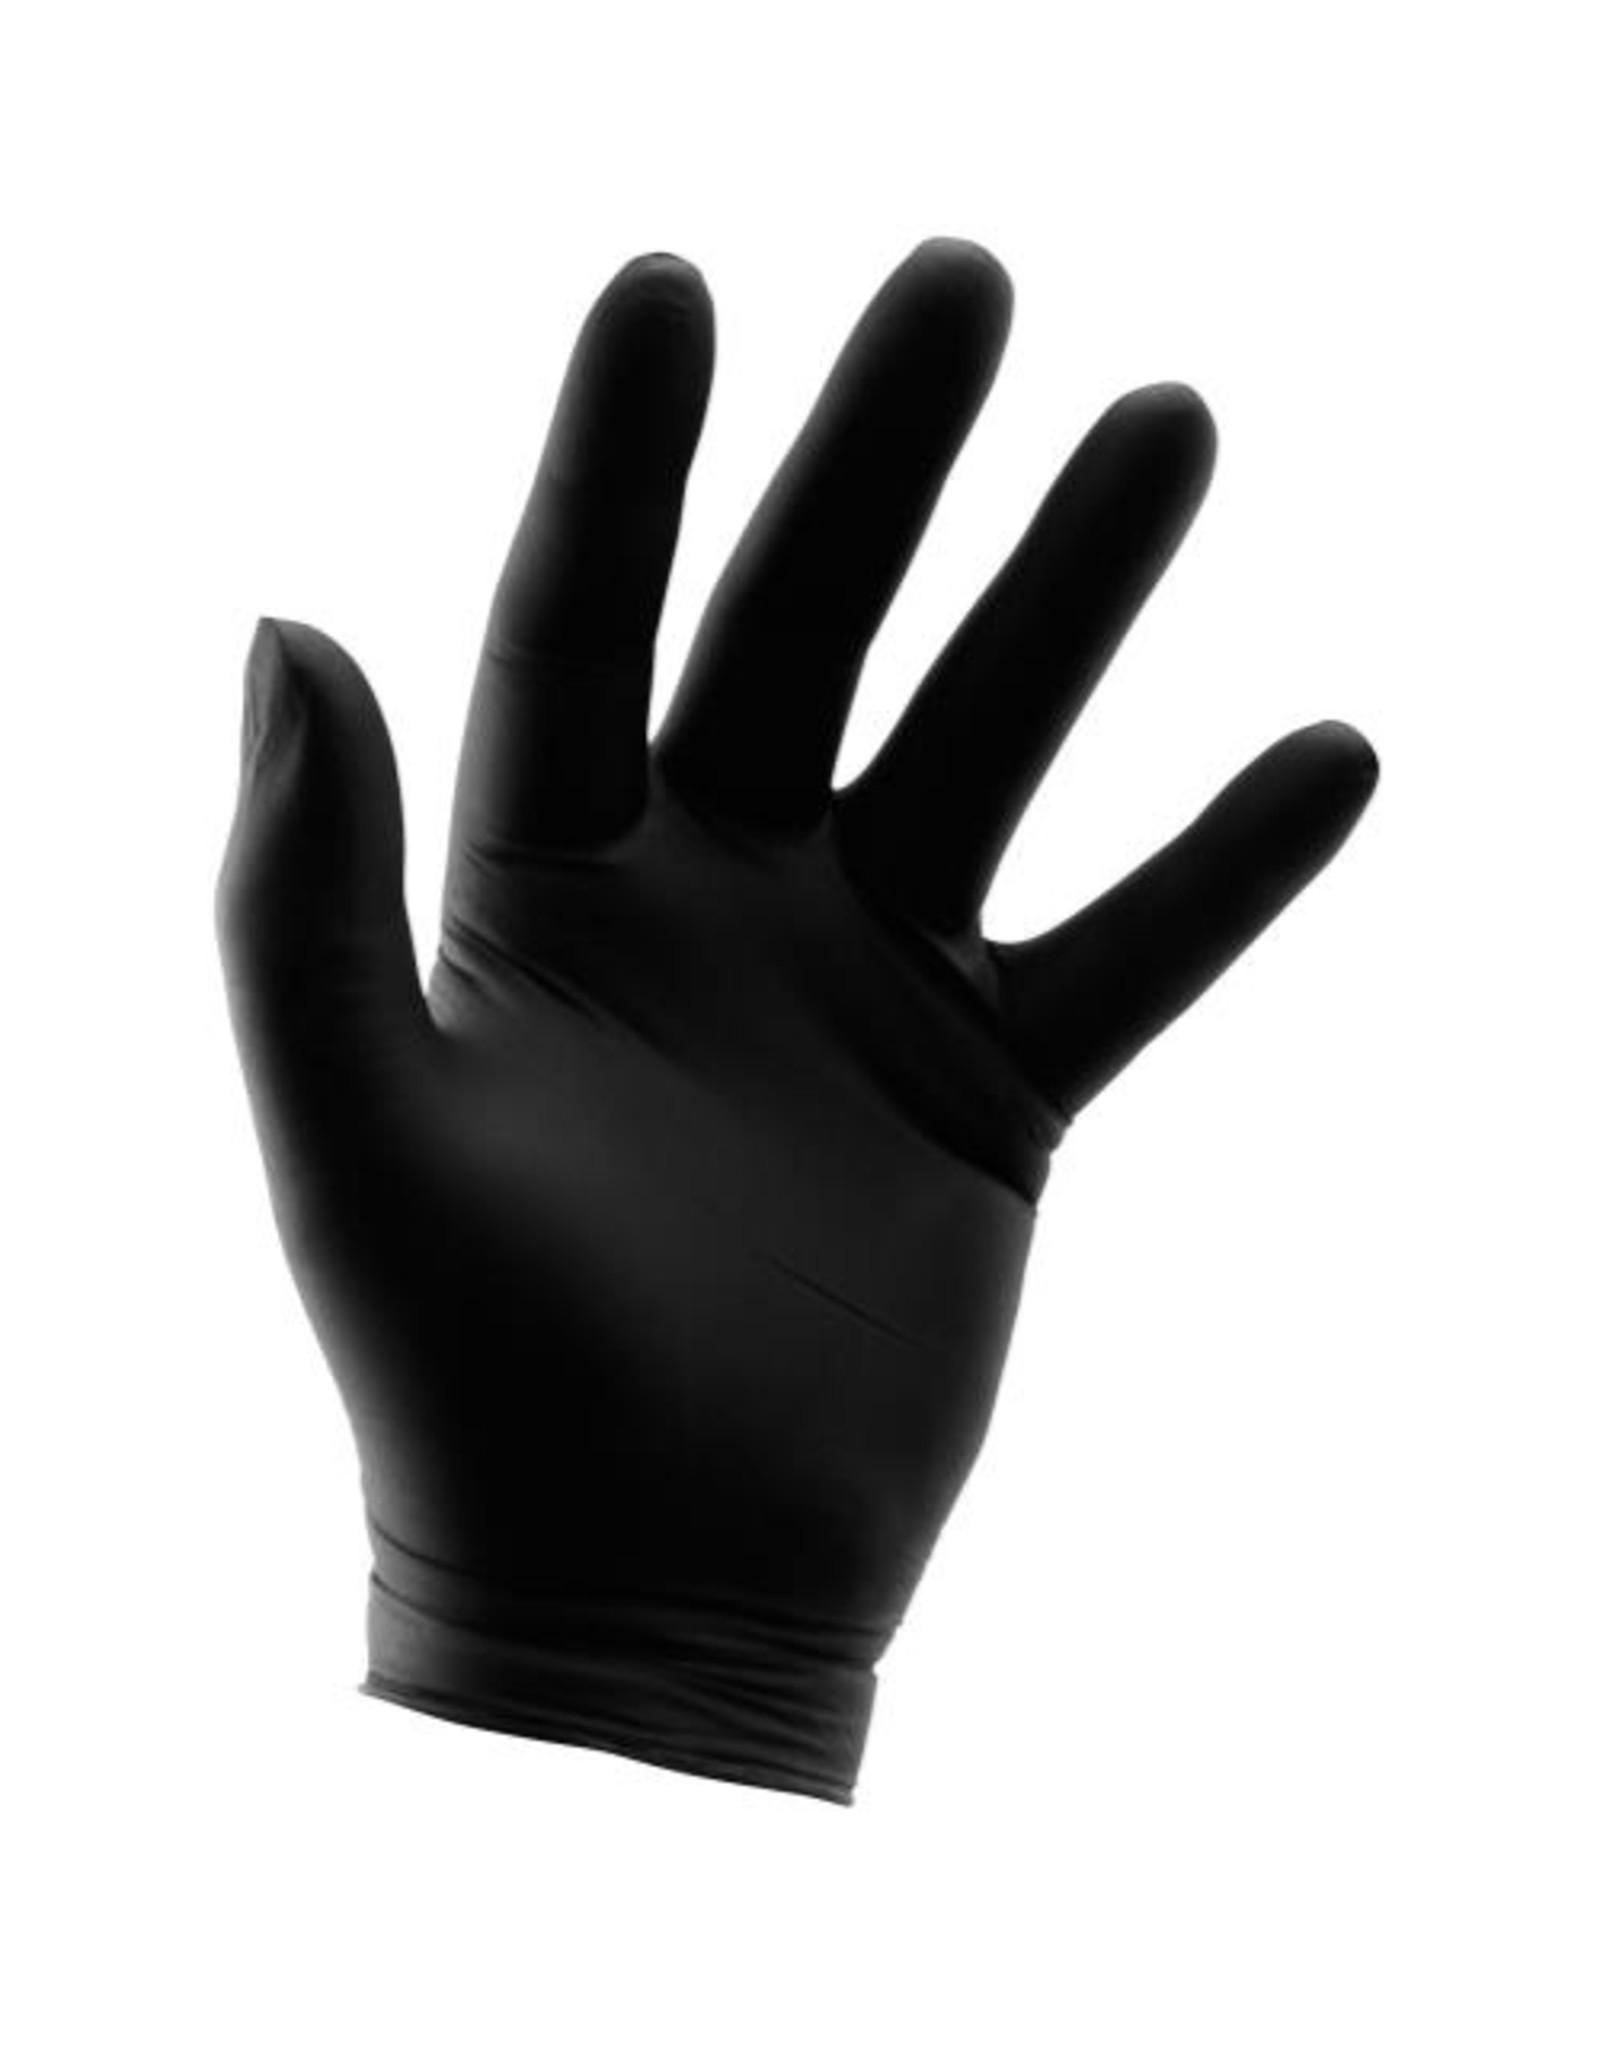 Grower's Edge Black Nitrile Gloves - Medium